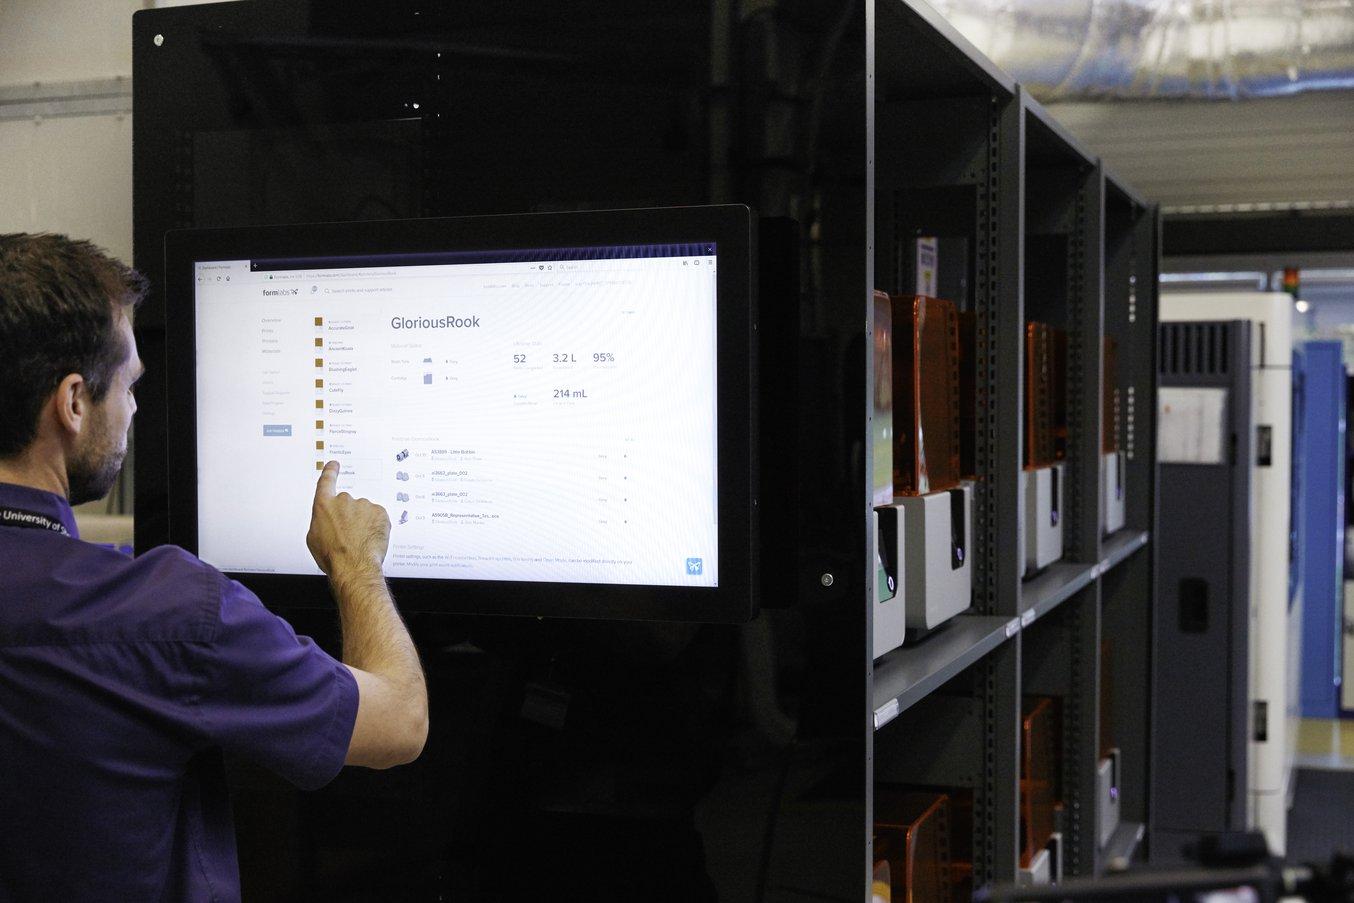 Los técnicos interactúan con las 12 máquinas a través de una pantalla táctil en la pared lateral de la estación que funciona con el software de Formlabs Dashboard y que proporciona información acerca del estado de las impresiones y los niveles de material.